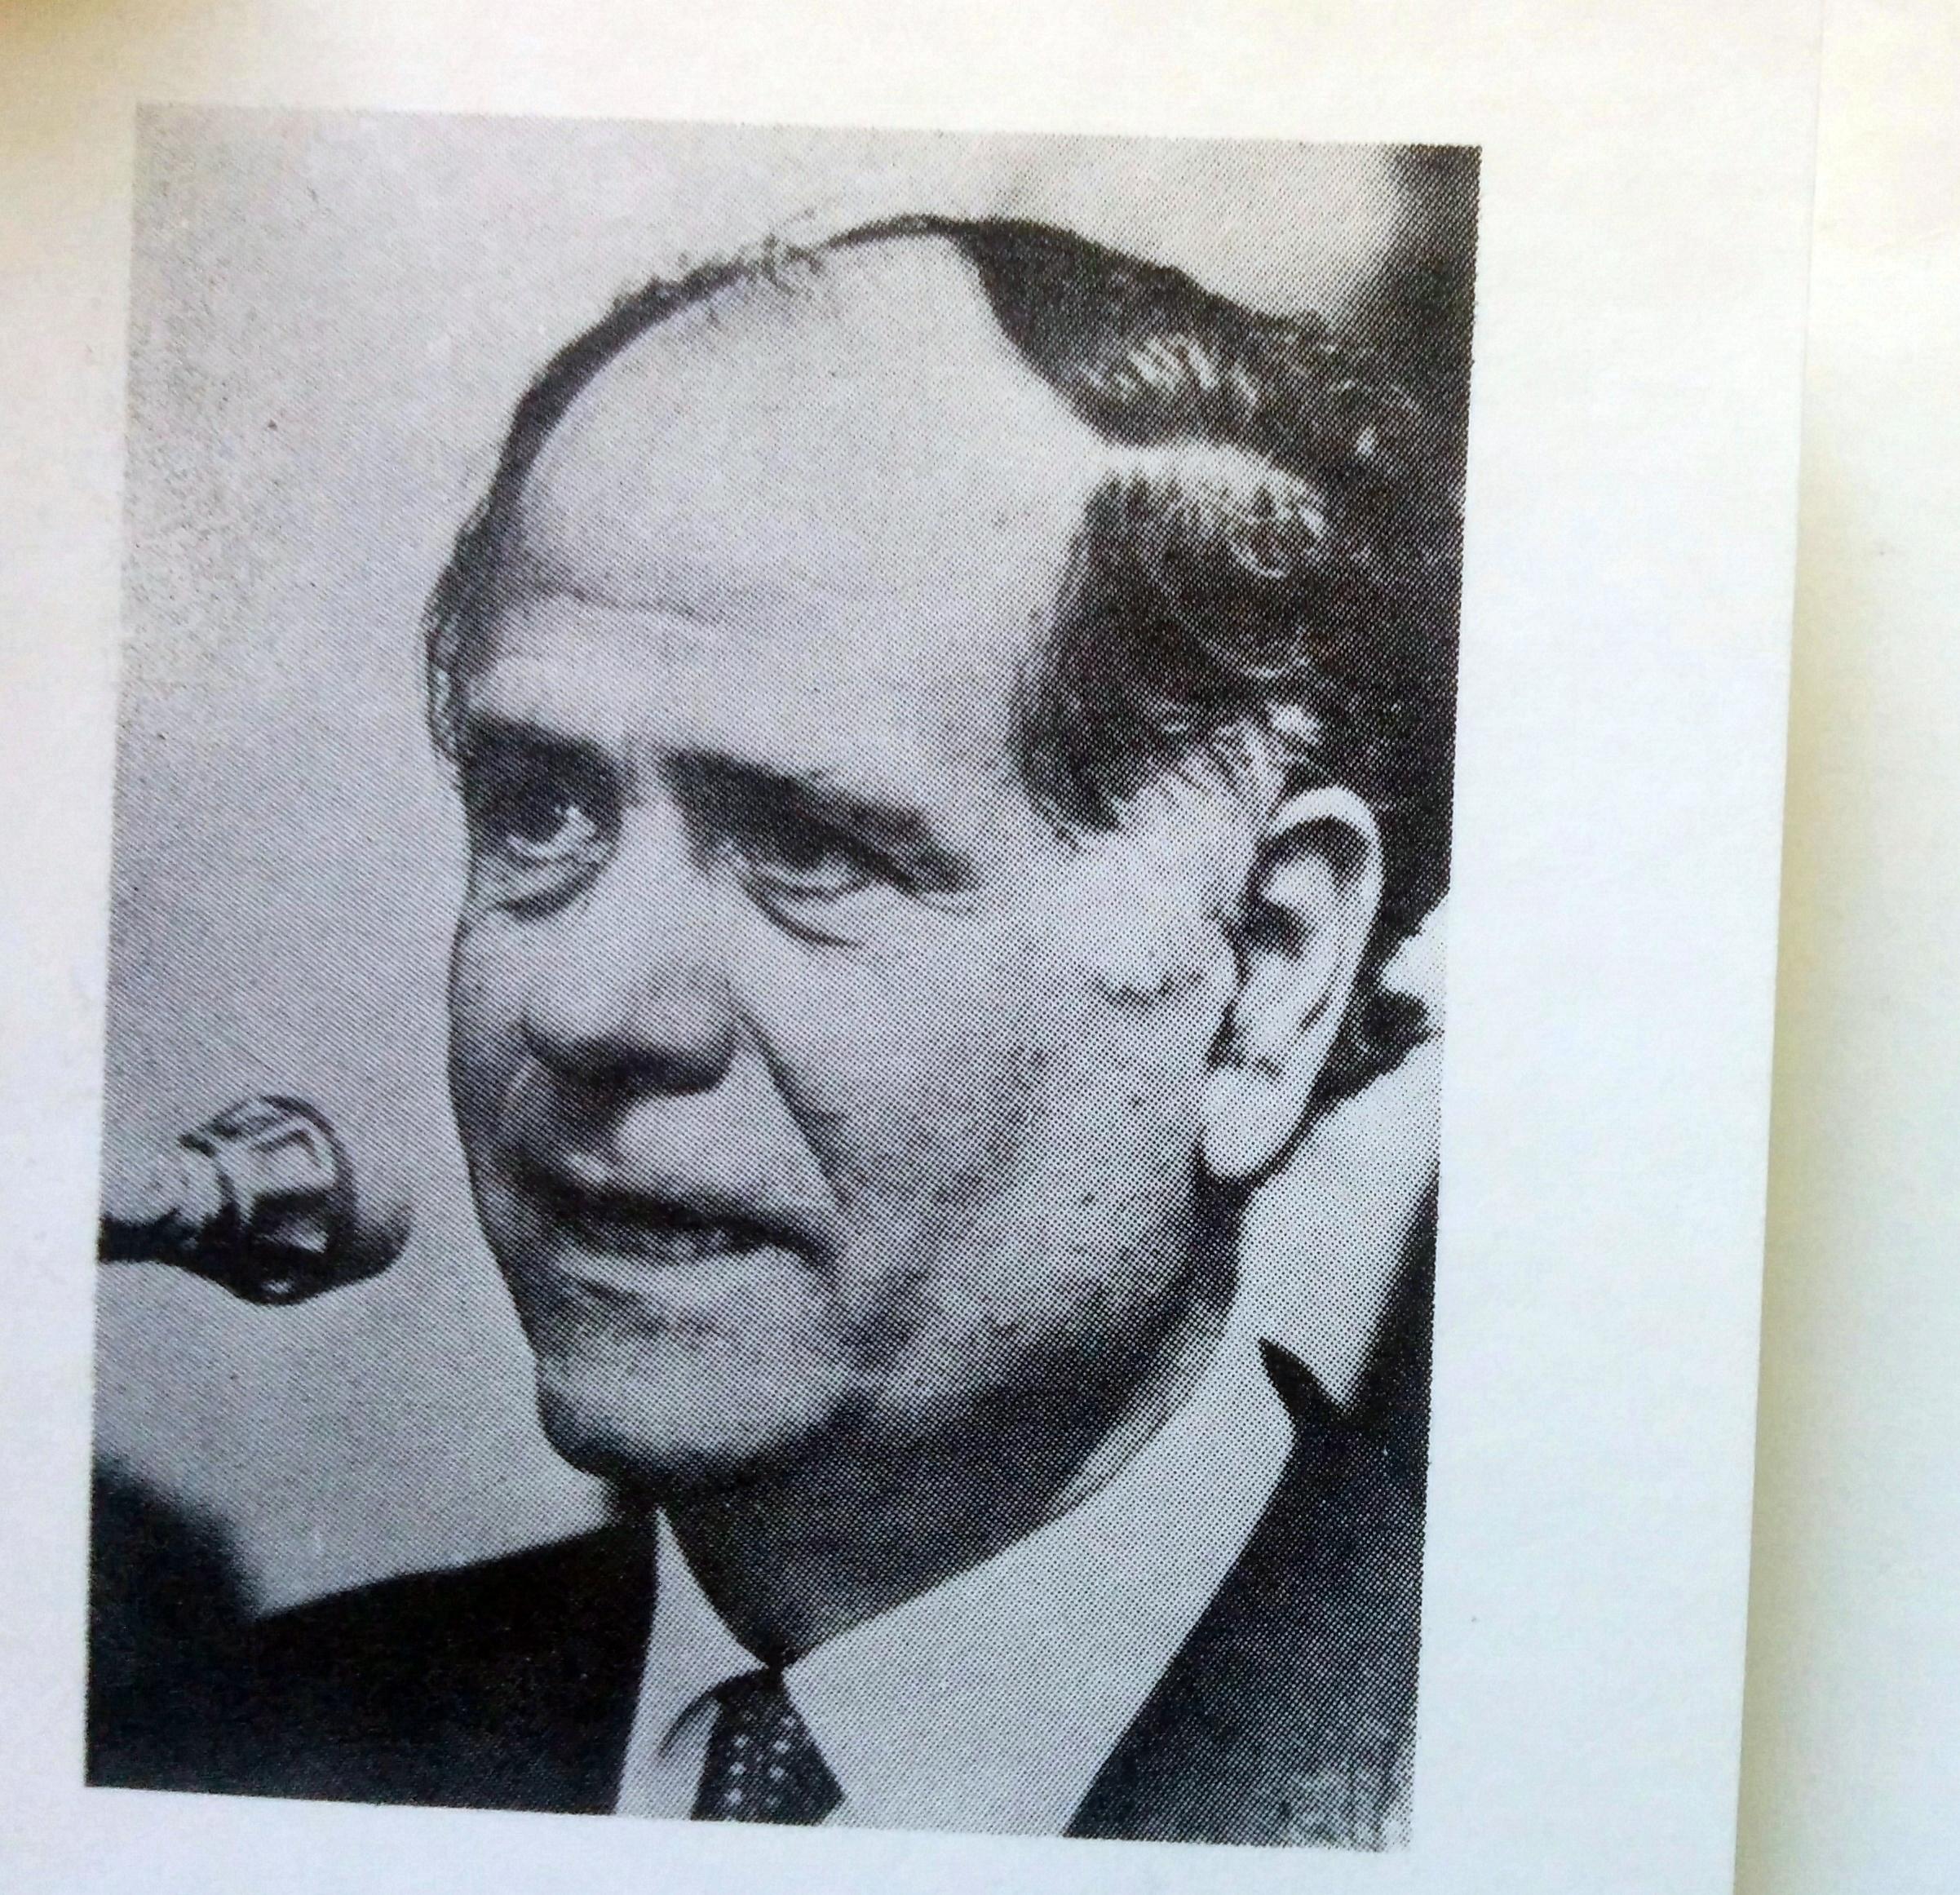 El licenciado Nicolás Antonio Cócaro (1926-1994).